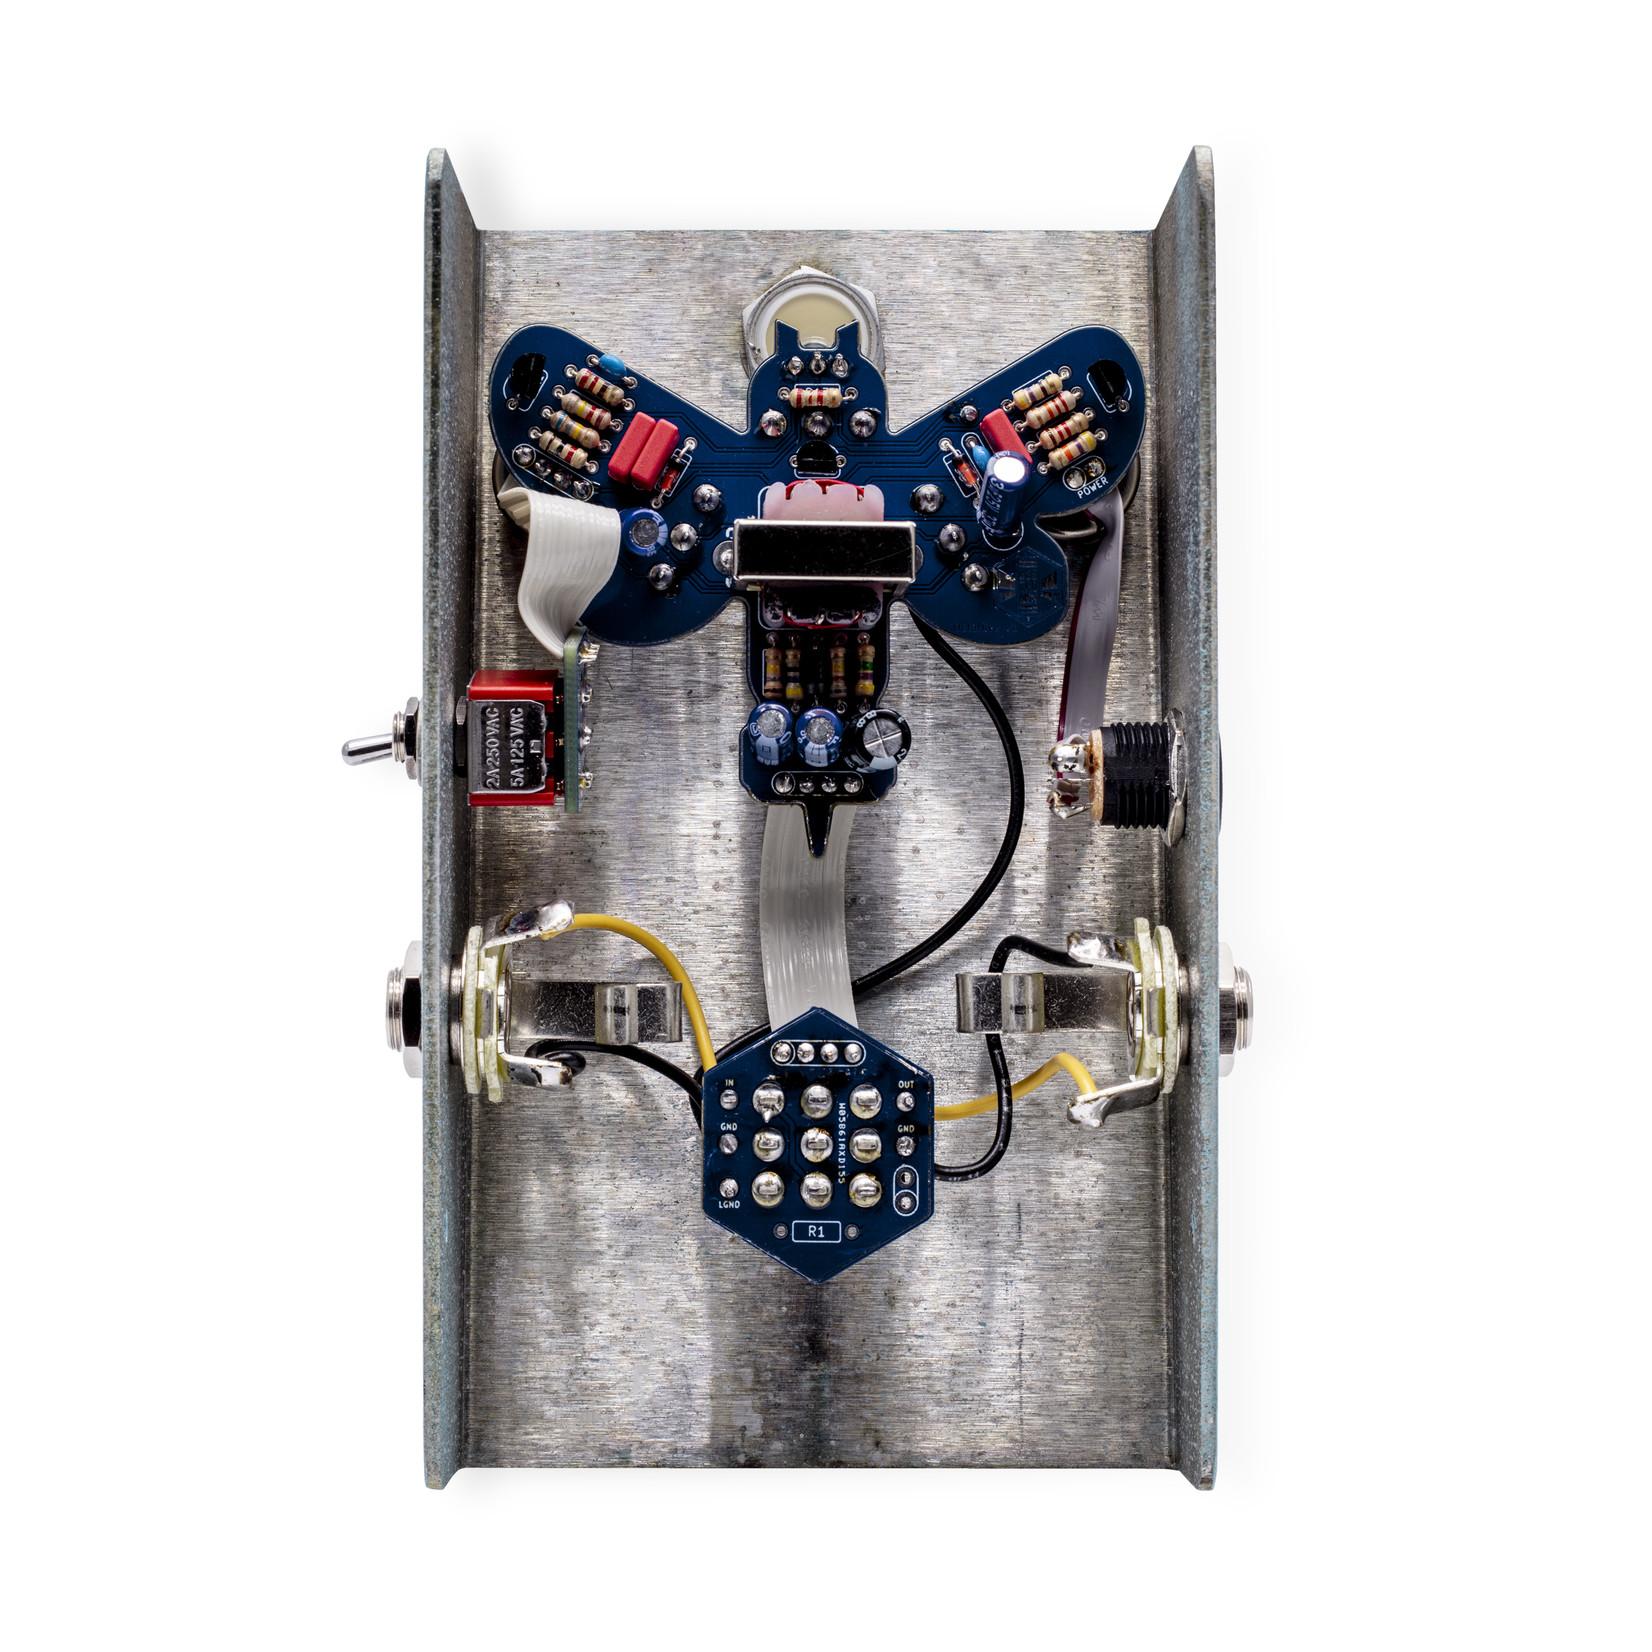 Beetronics Beetronics Octahive - Super High Gain Fuzz (based on 1970s Octavia)